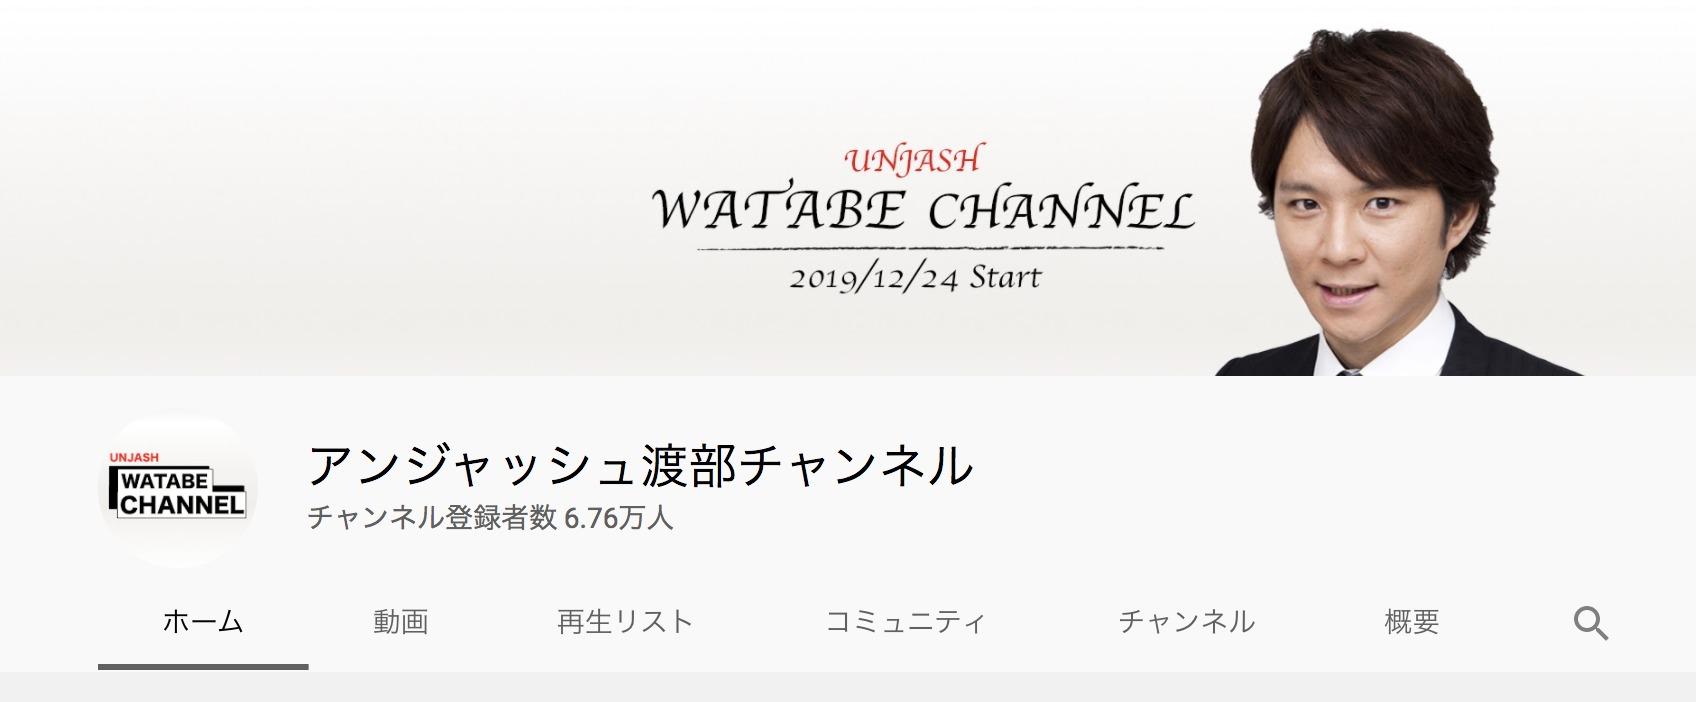 アンジャッシュ渡部のYouTubeチャンネル